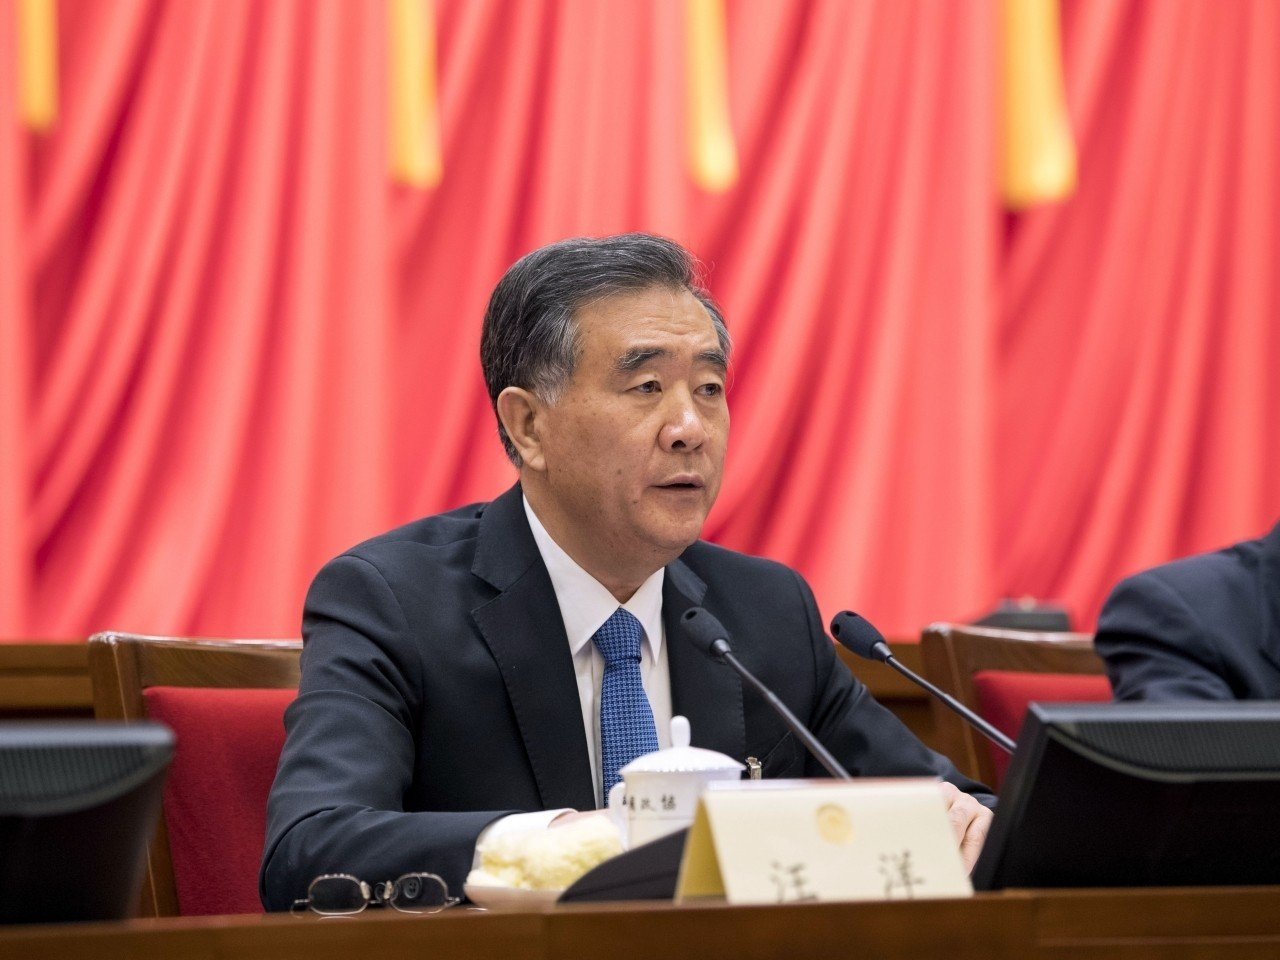 汪洋重申中央支持特首及特區政府依法施政。新華社圖片